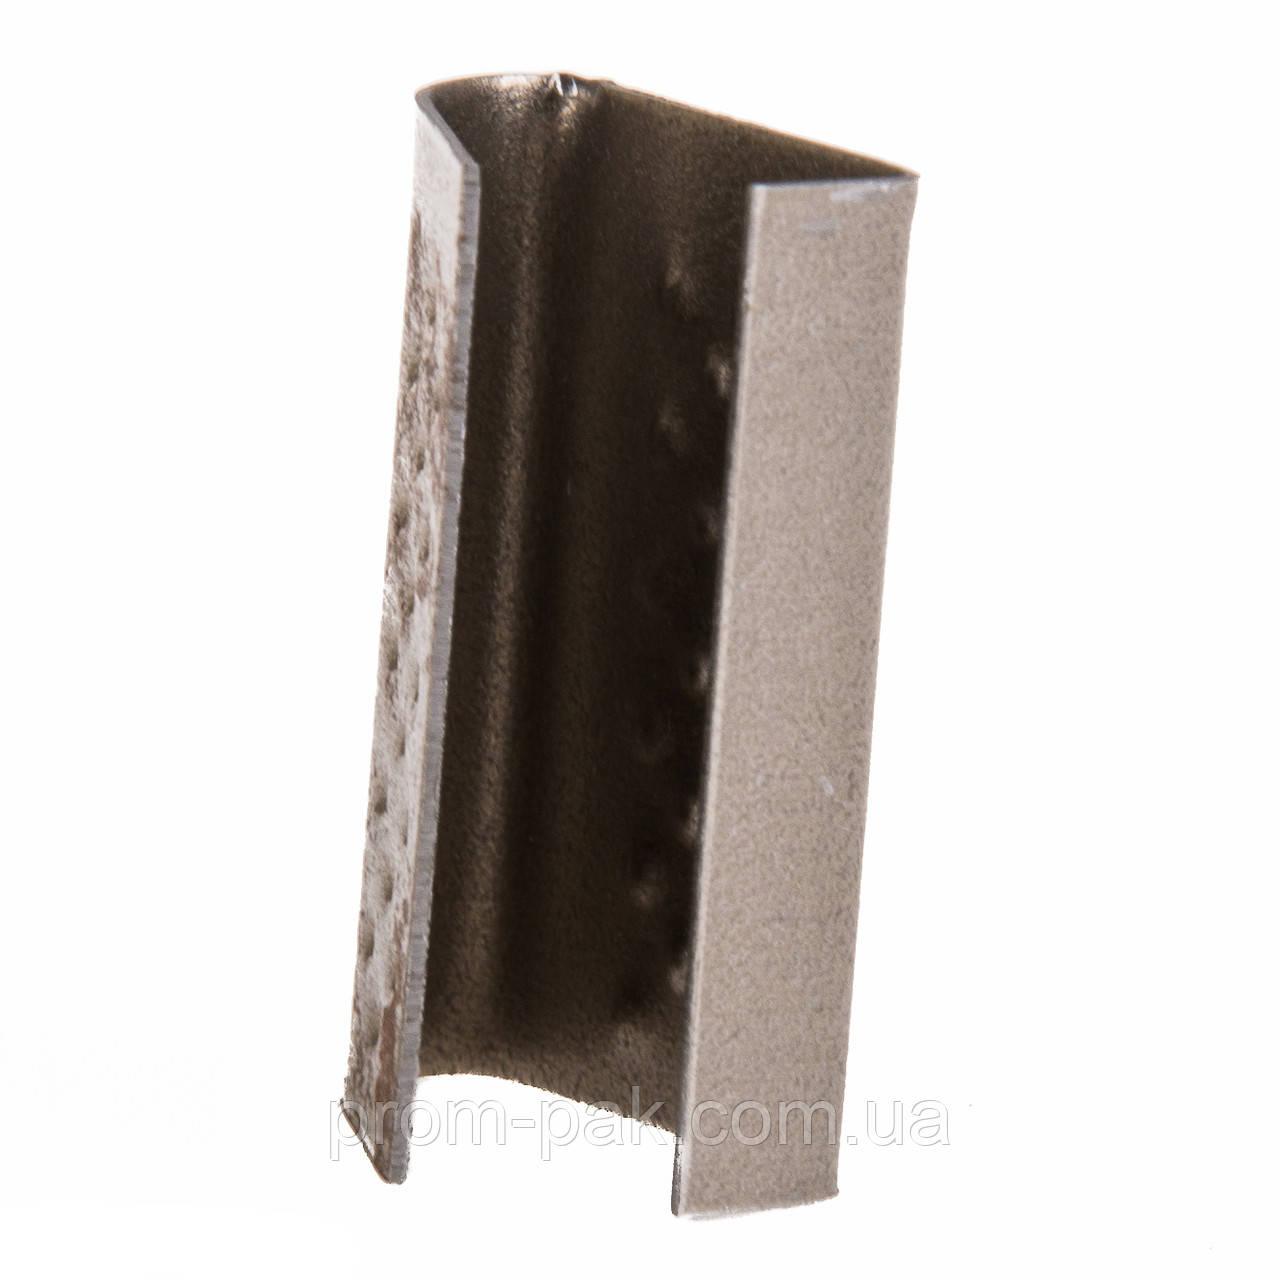 Скоба №16 для скрепления пластиковой ленты 2500шт